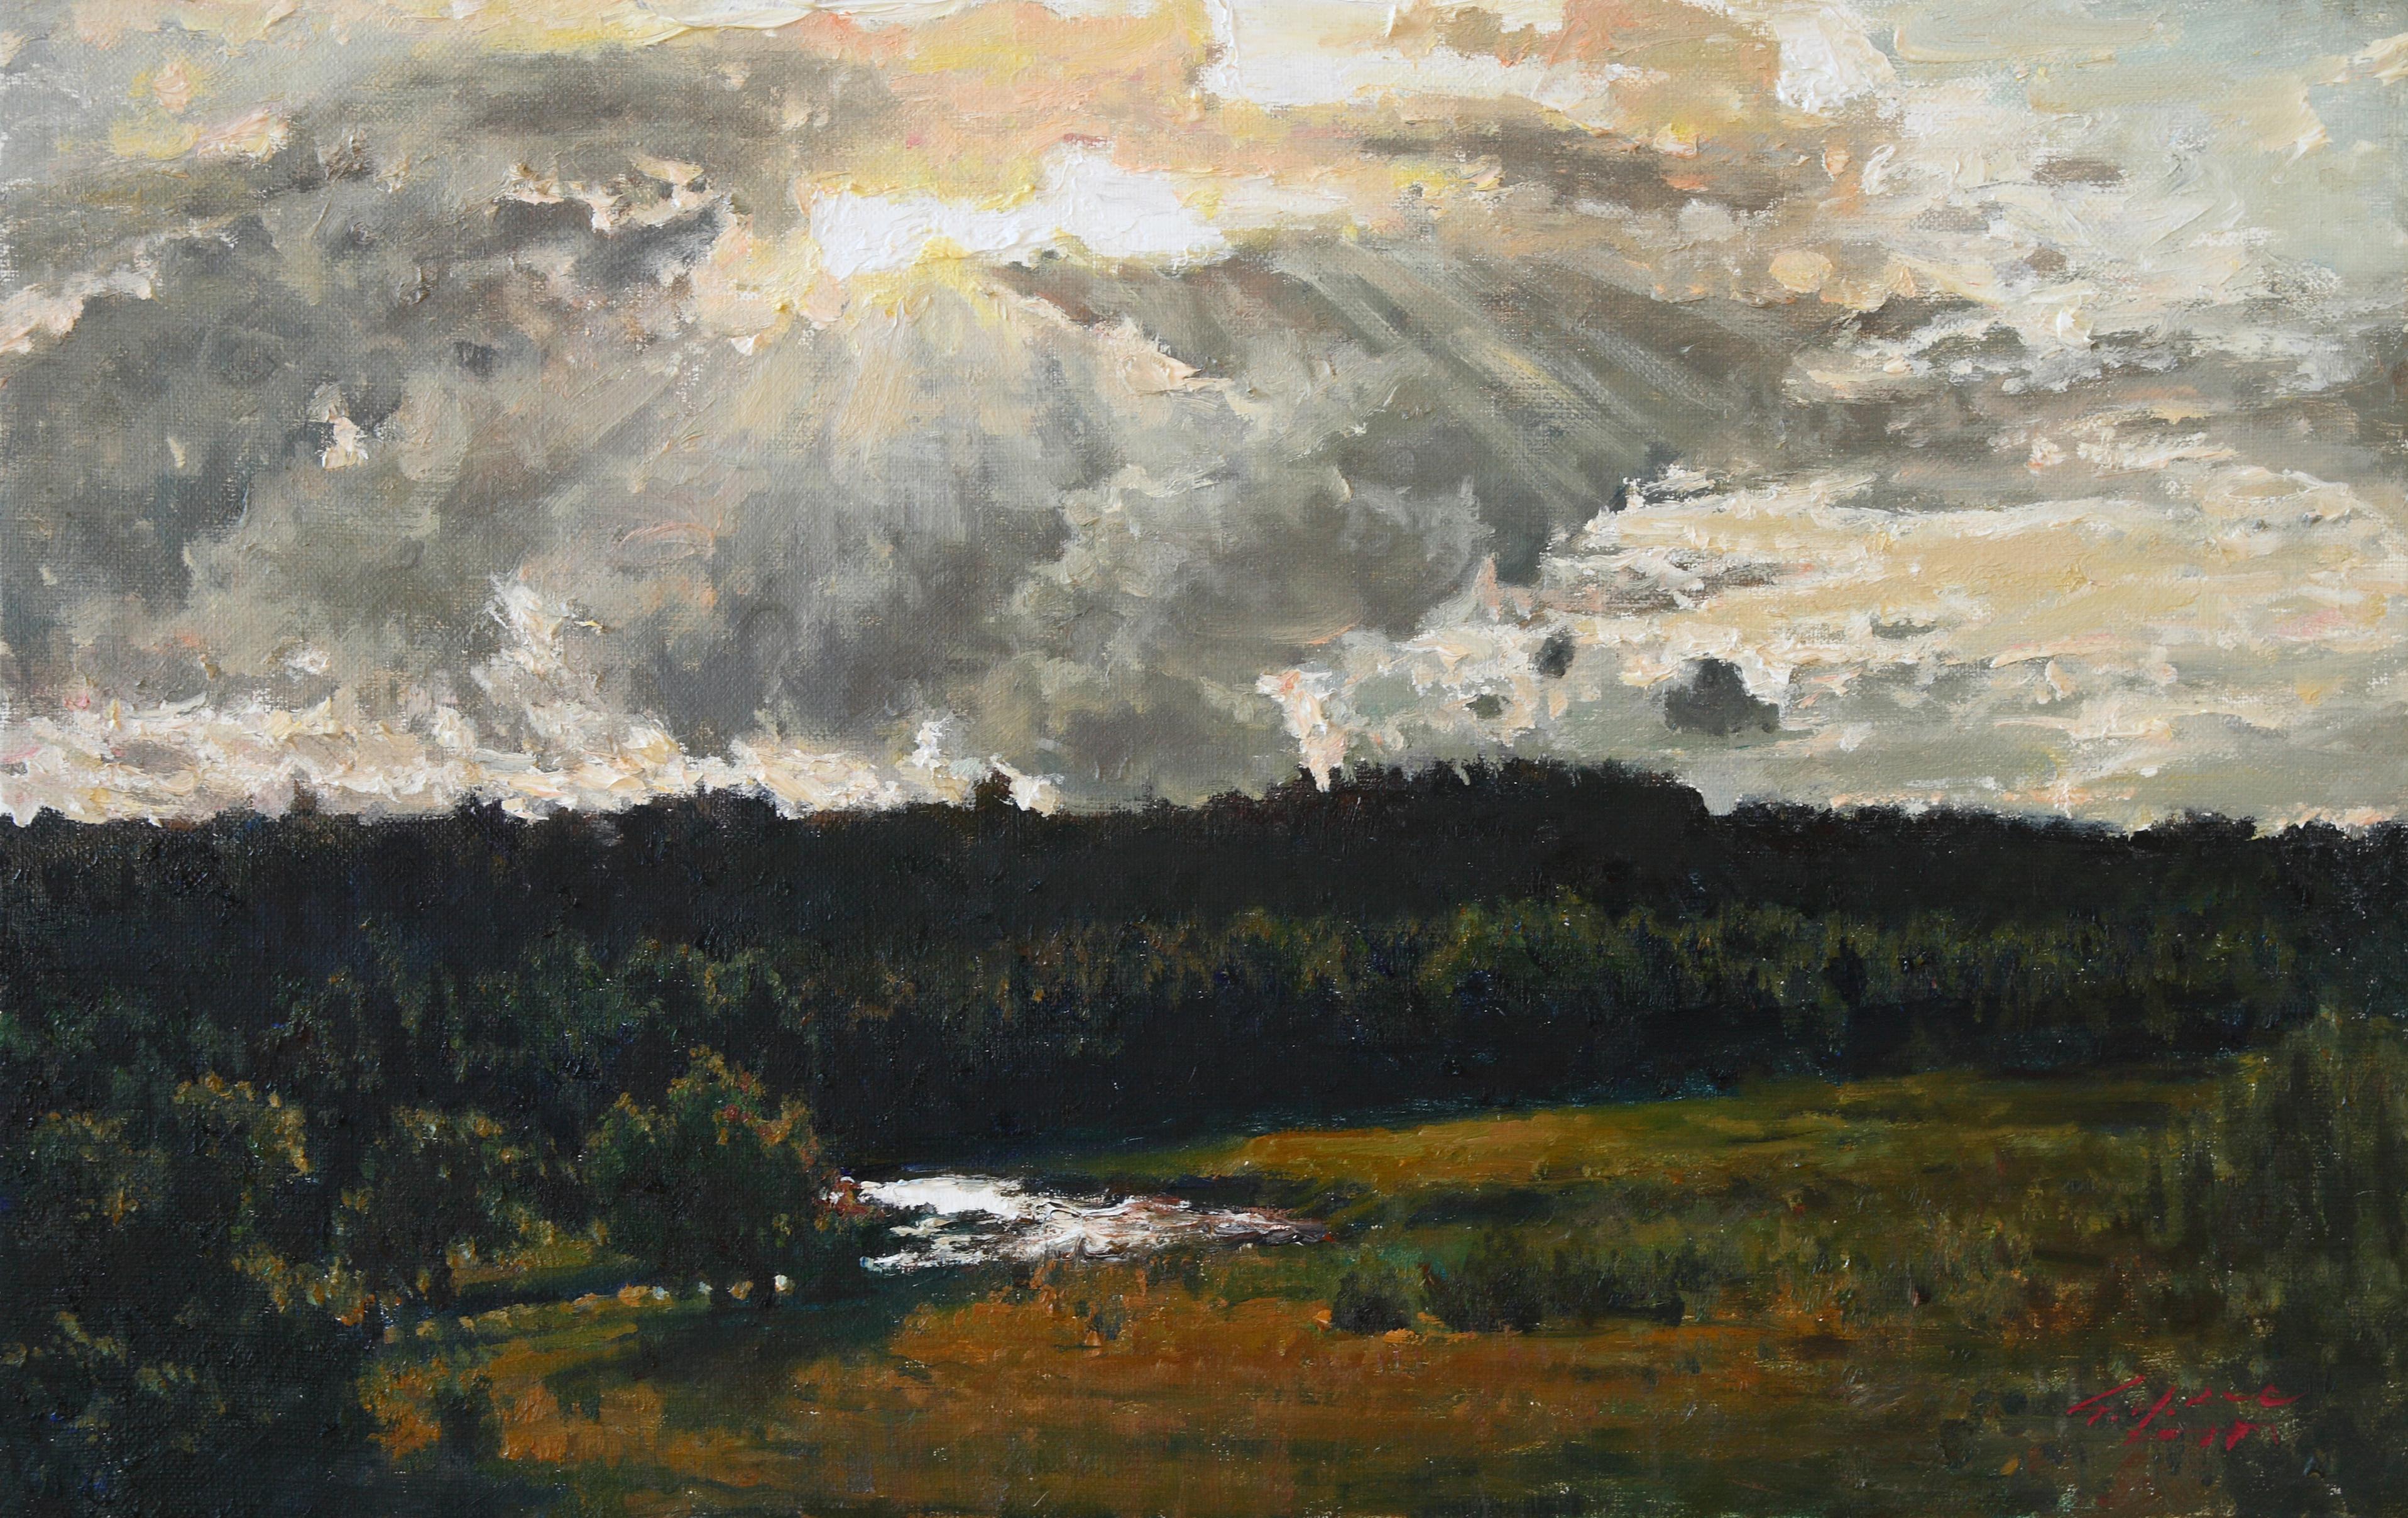 해가지는 언덕 53x33.4  Oil on canvas 2011